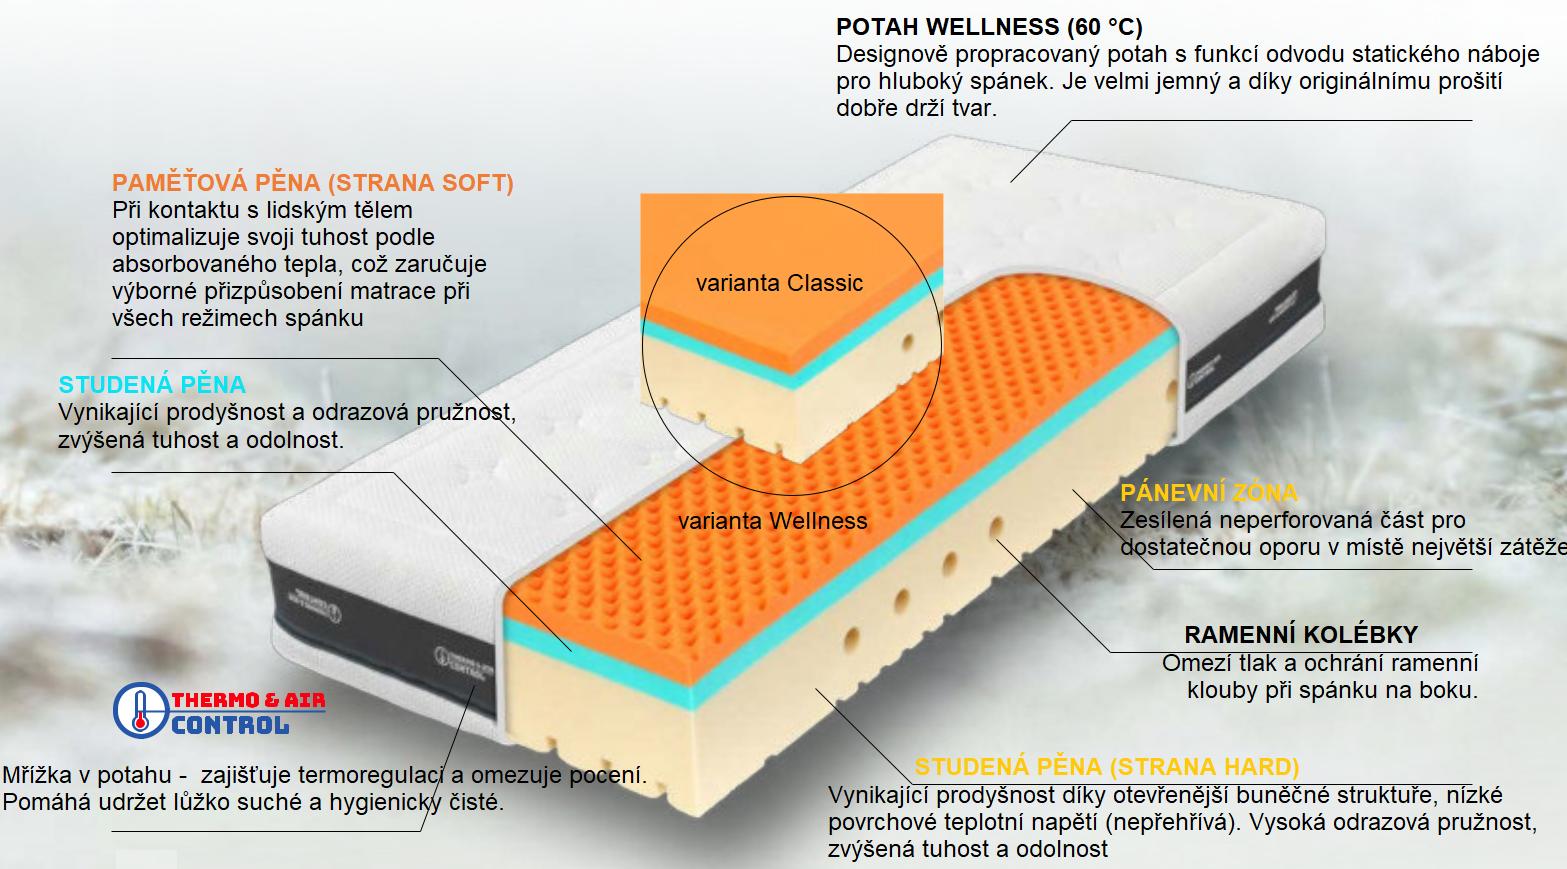 Komfort v kvalitní konstrukci z prvotřídních materiálů. Klasická verze s paměťovou pěnou